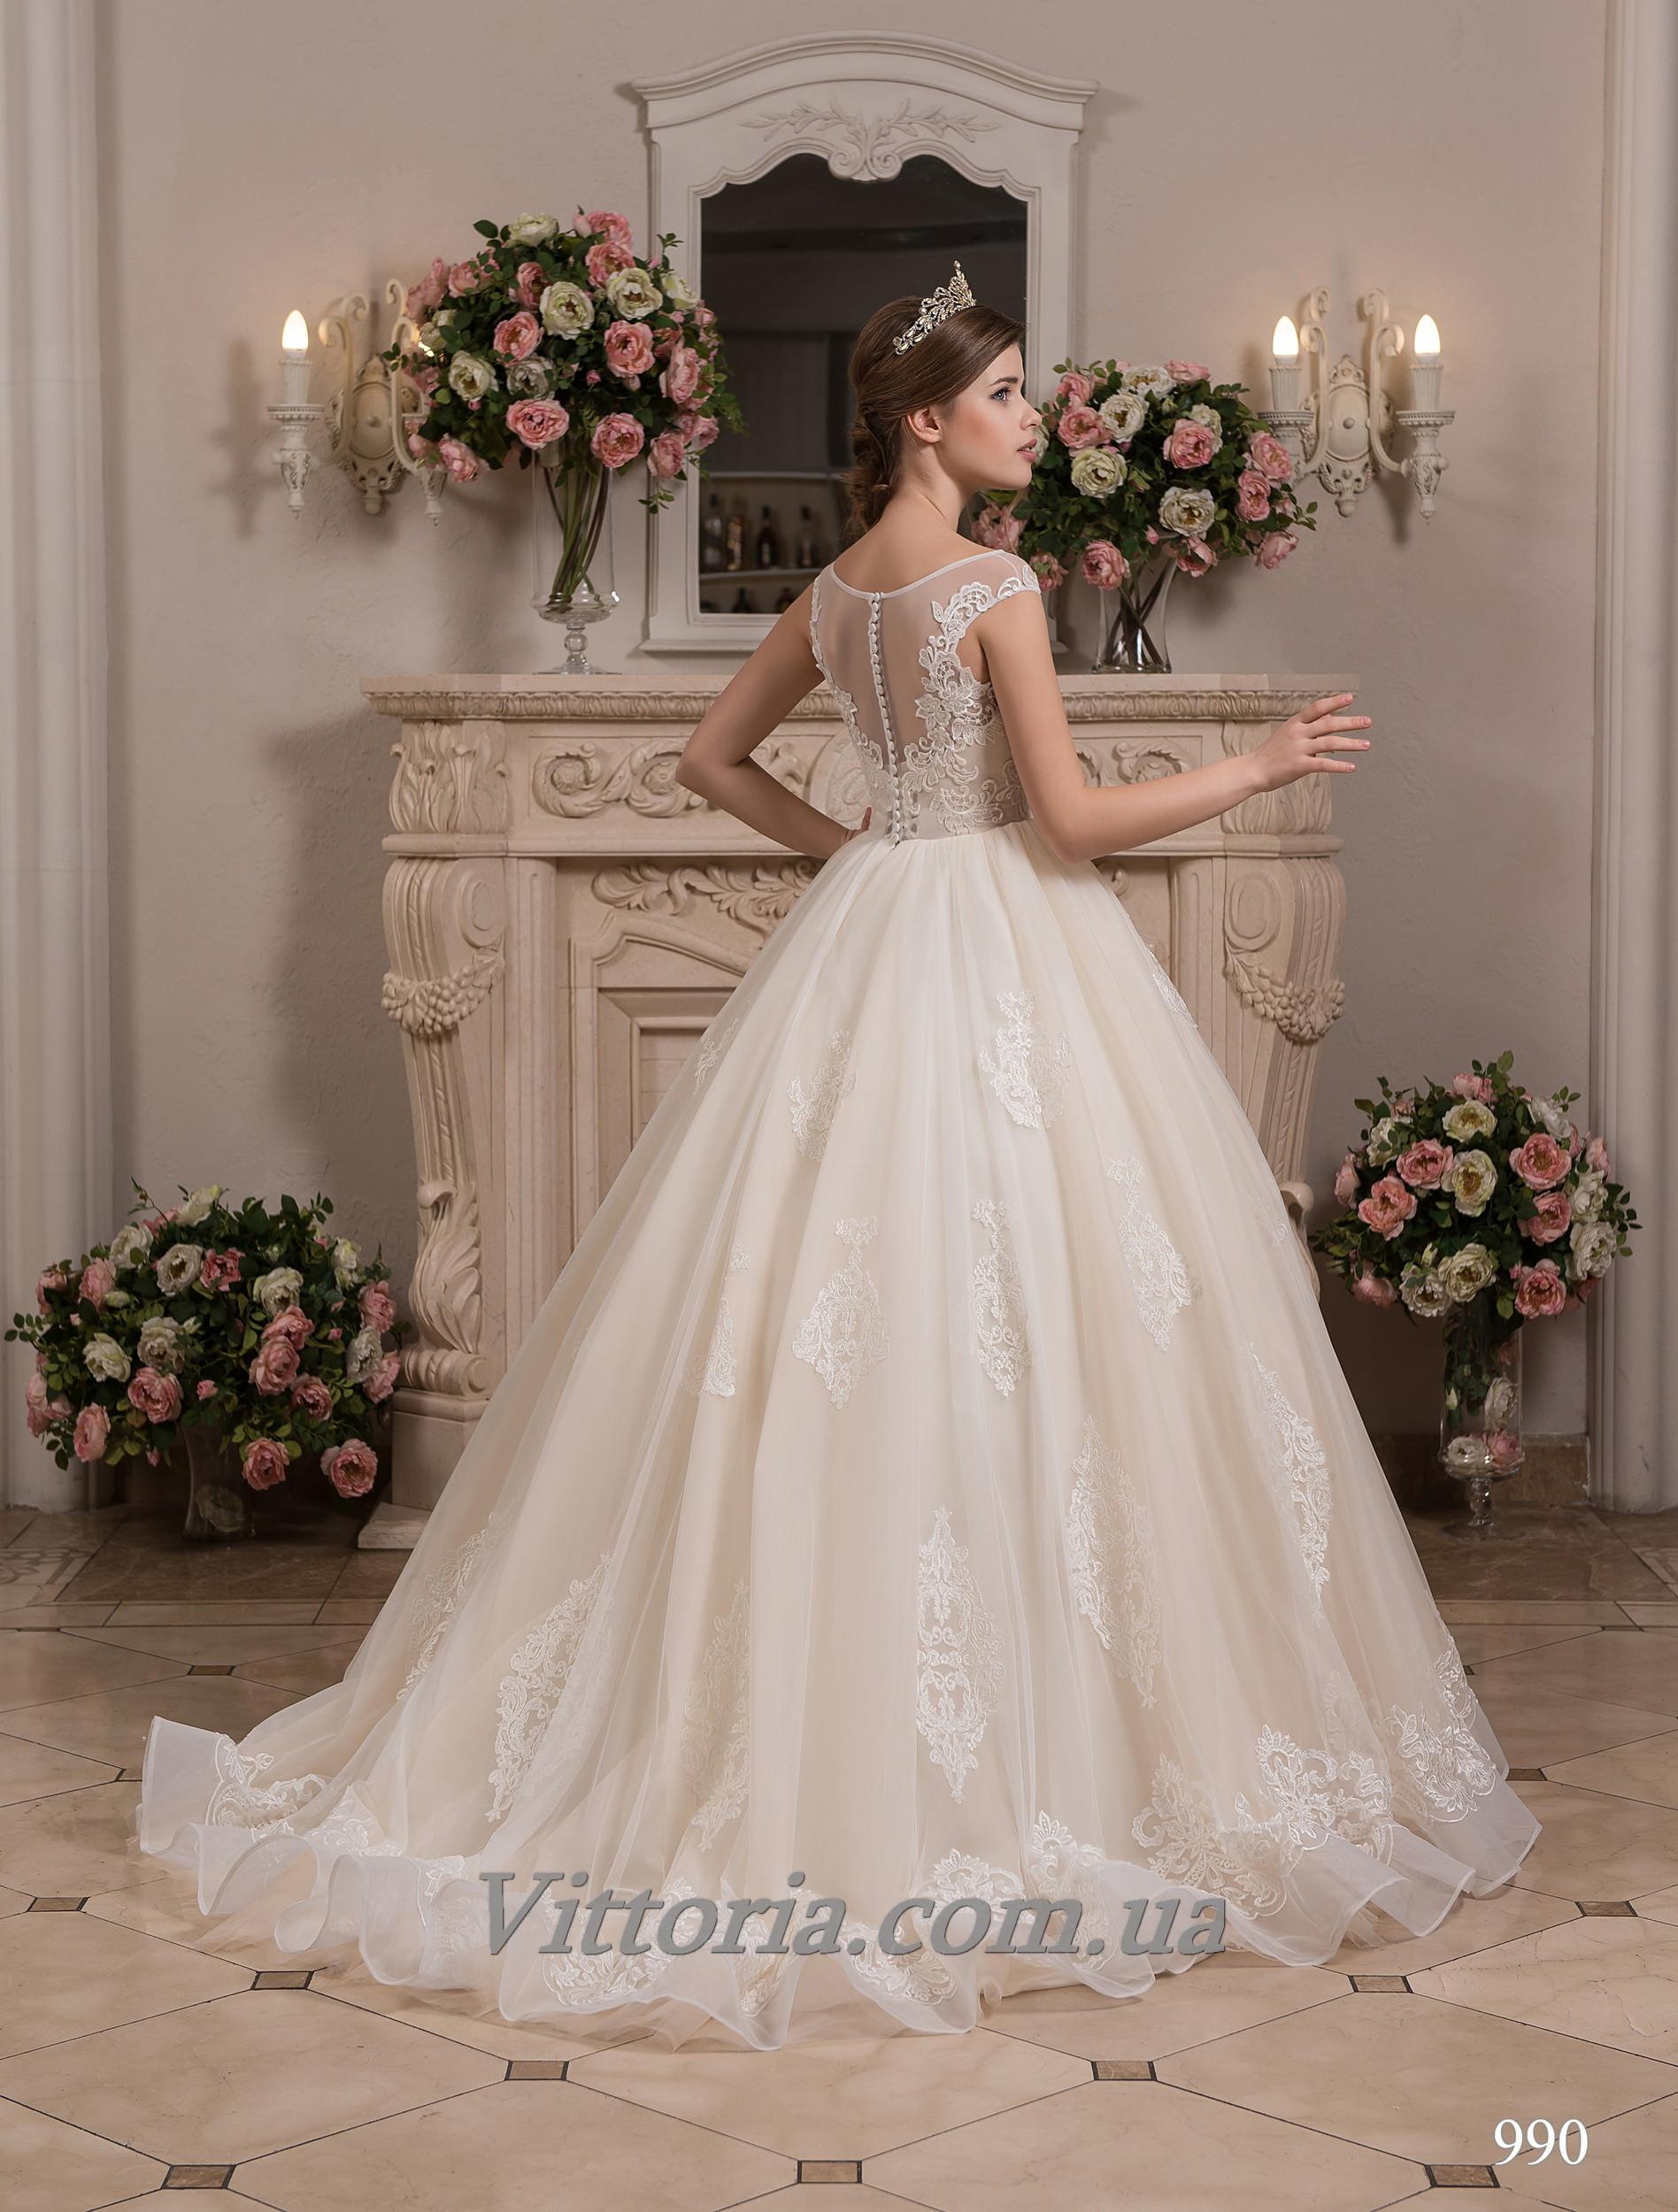 Свадебное платье Модель 17-990